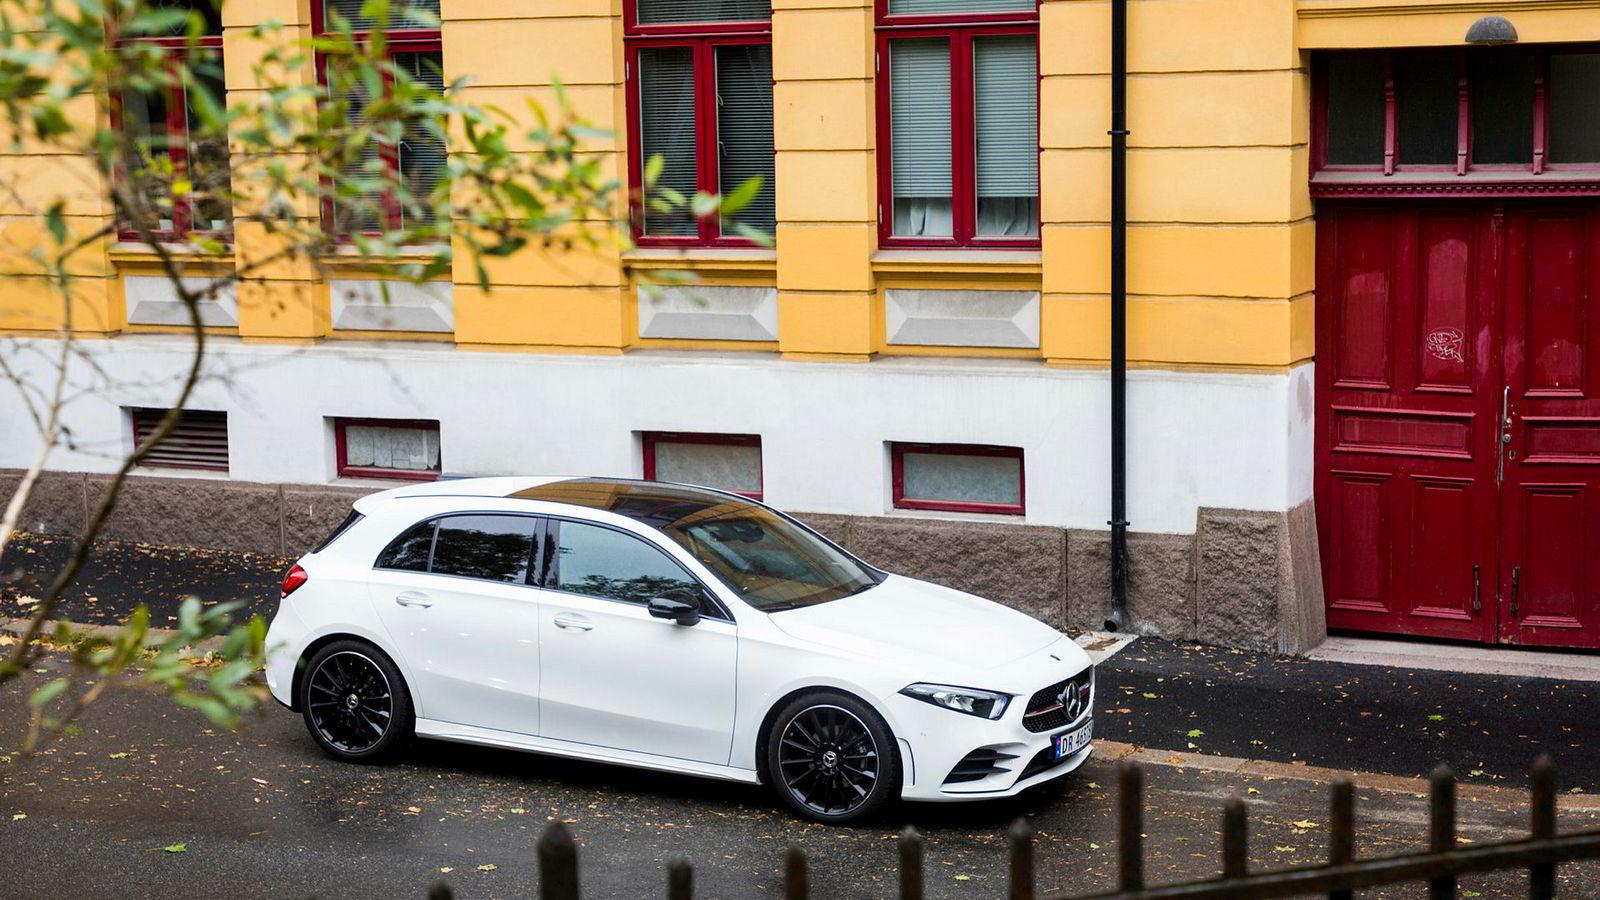 Mercedes-Benz A 200 vekker ikke så mye oppsikt på utsiden.